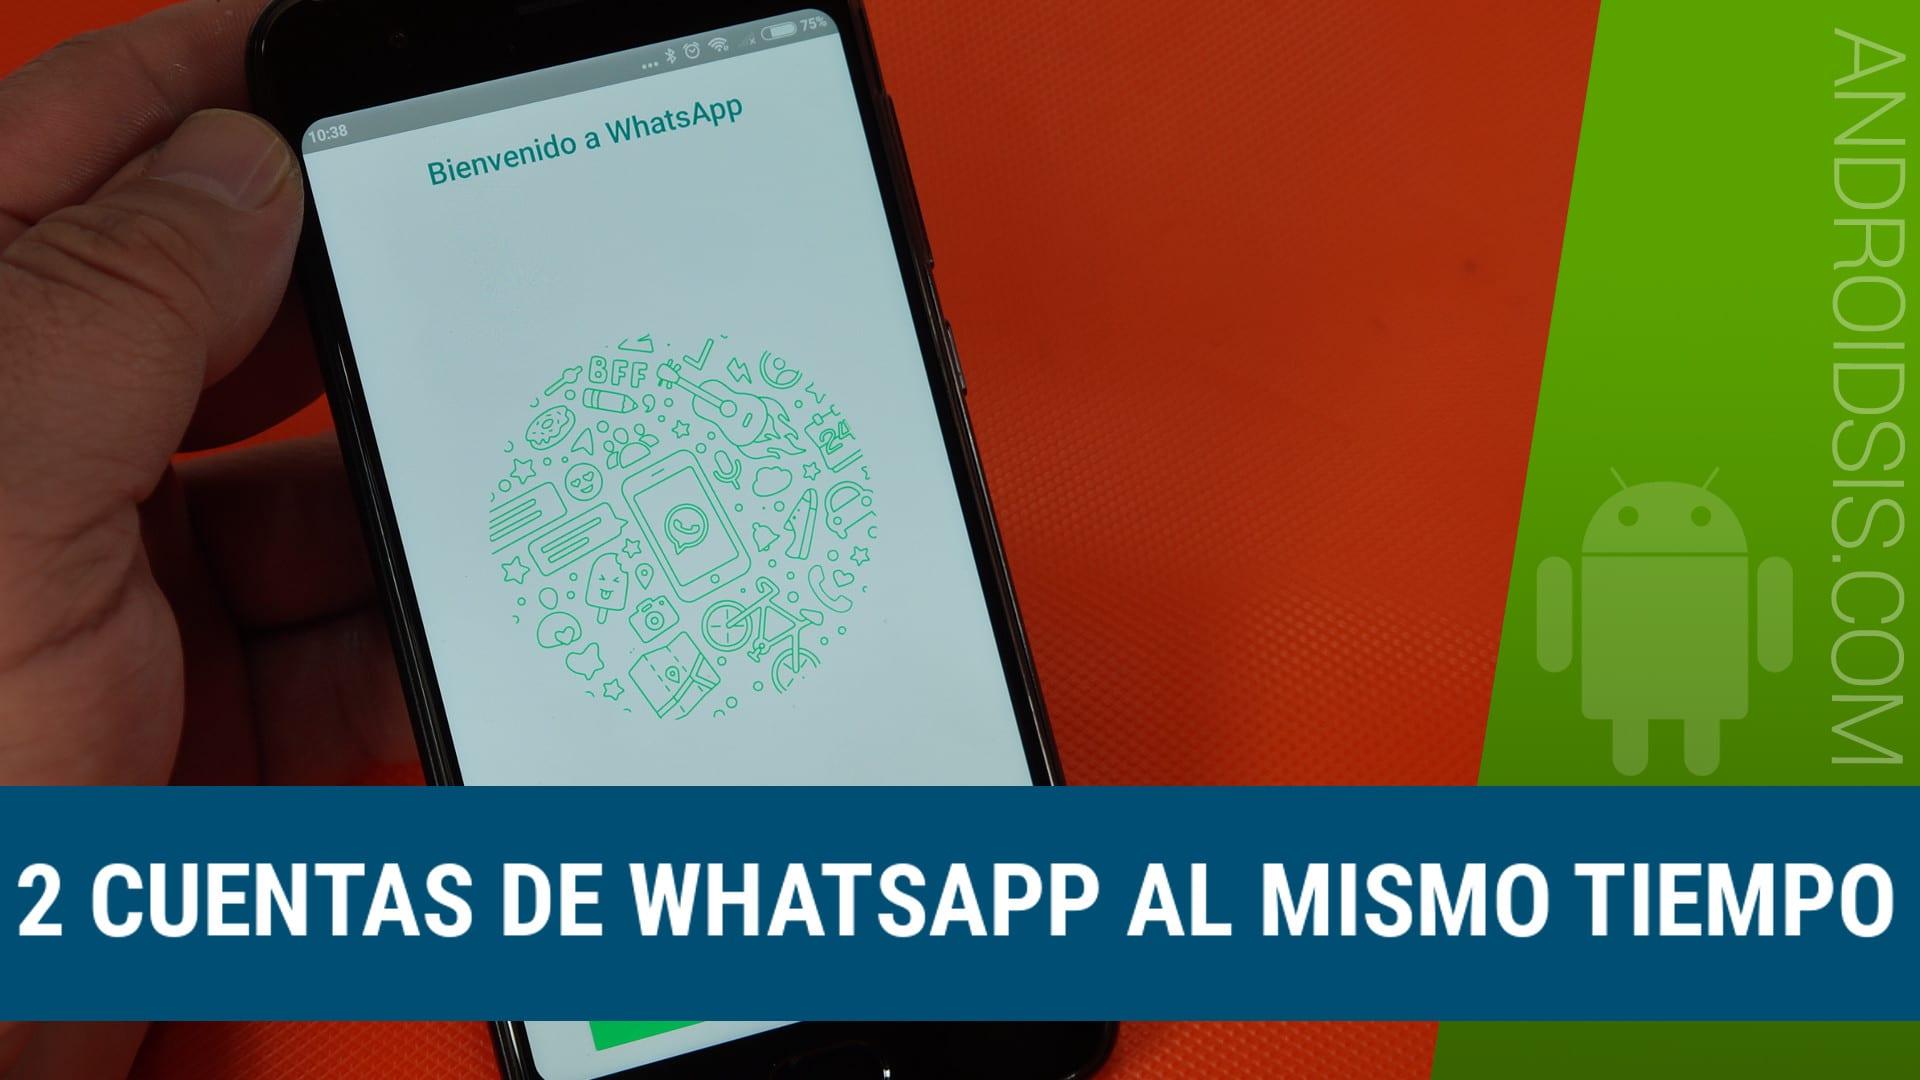 La mejor manera de tener dos WhatsApp en un mismo smartphone